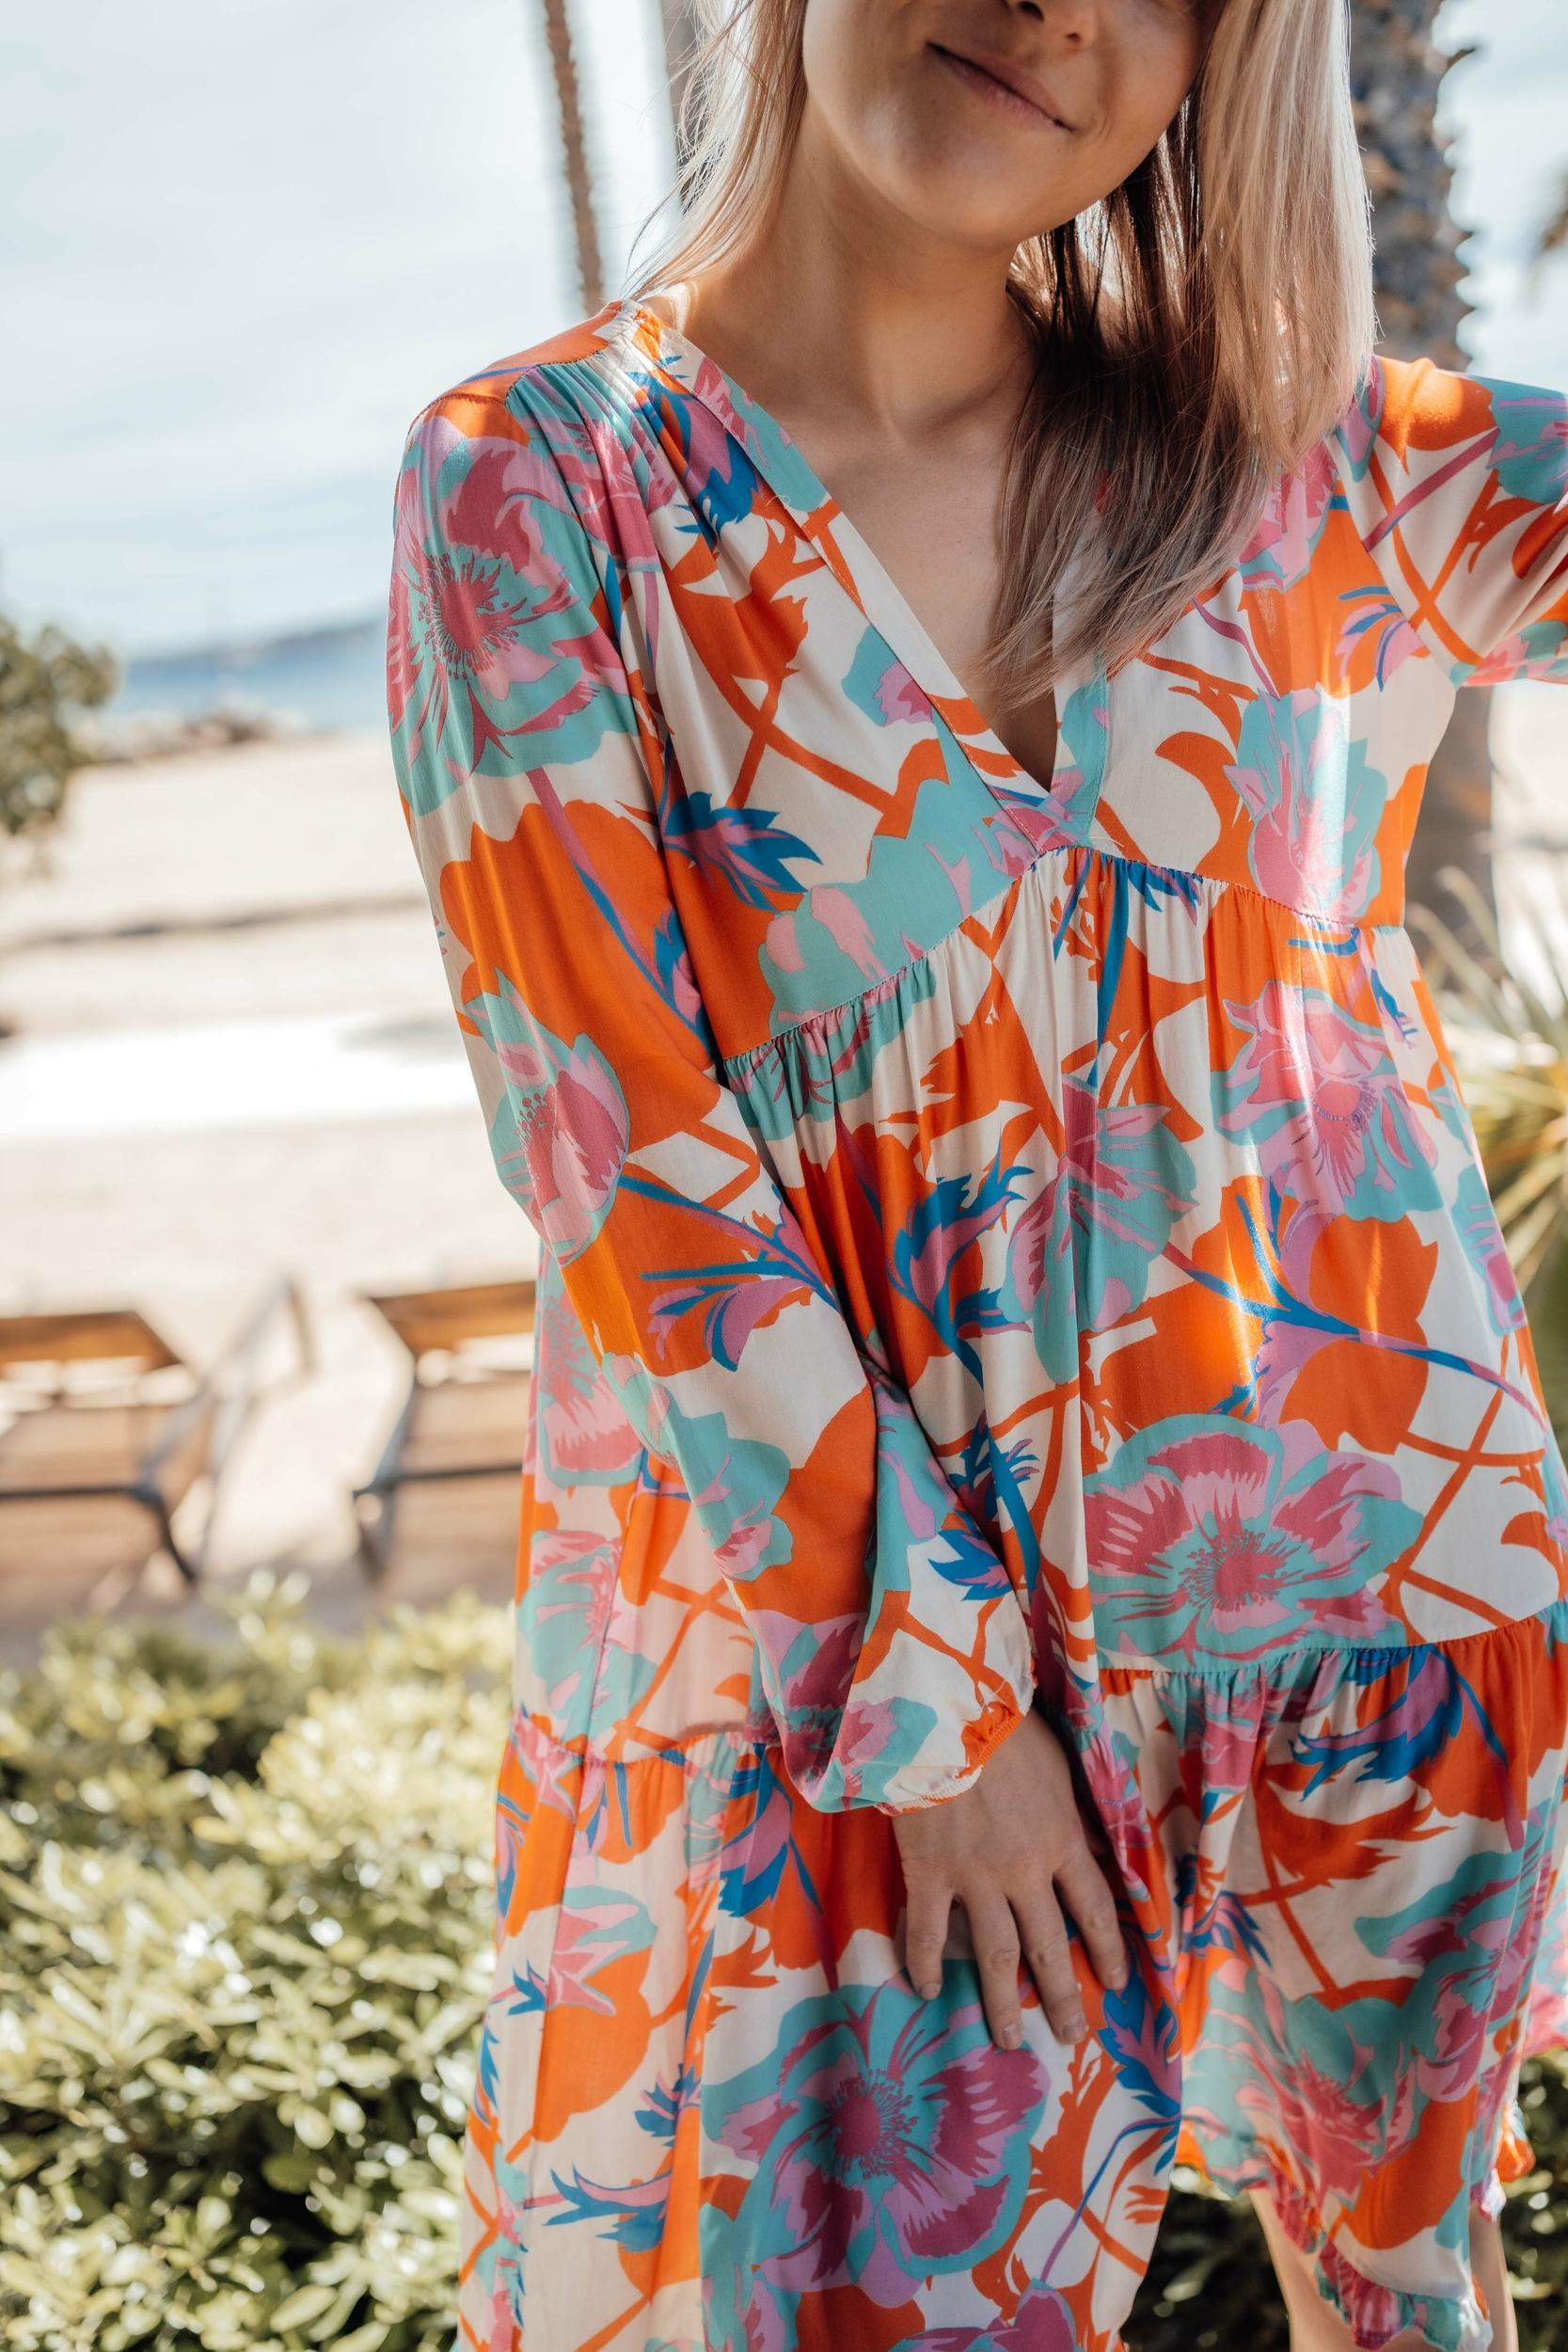 robe_lindsay_courte_orange_turquoise-10